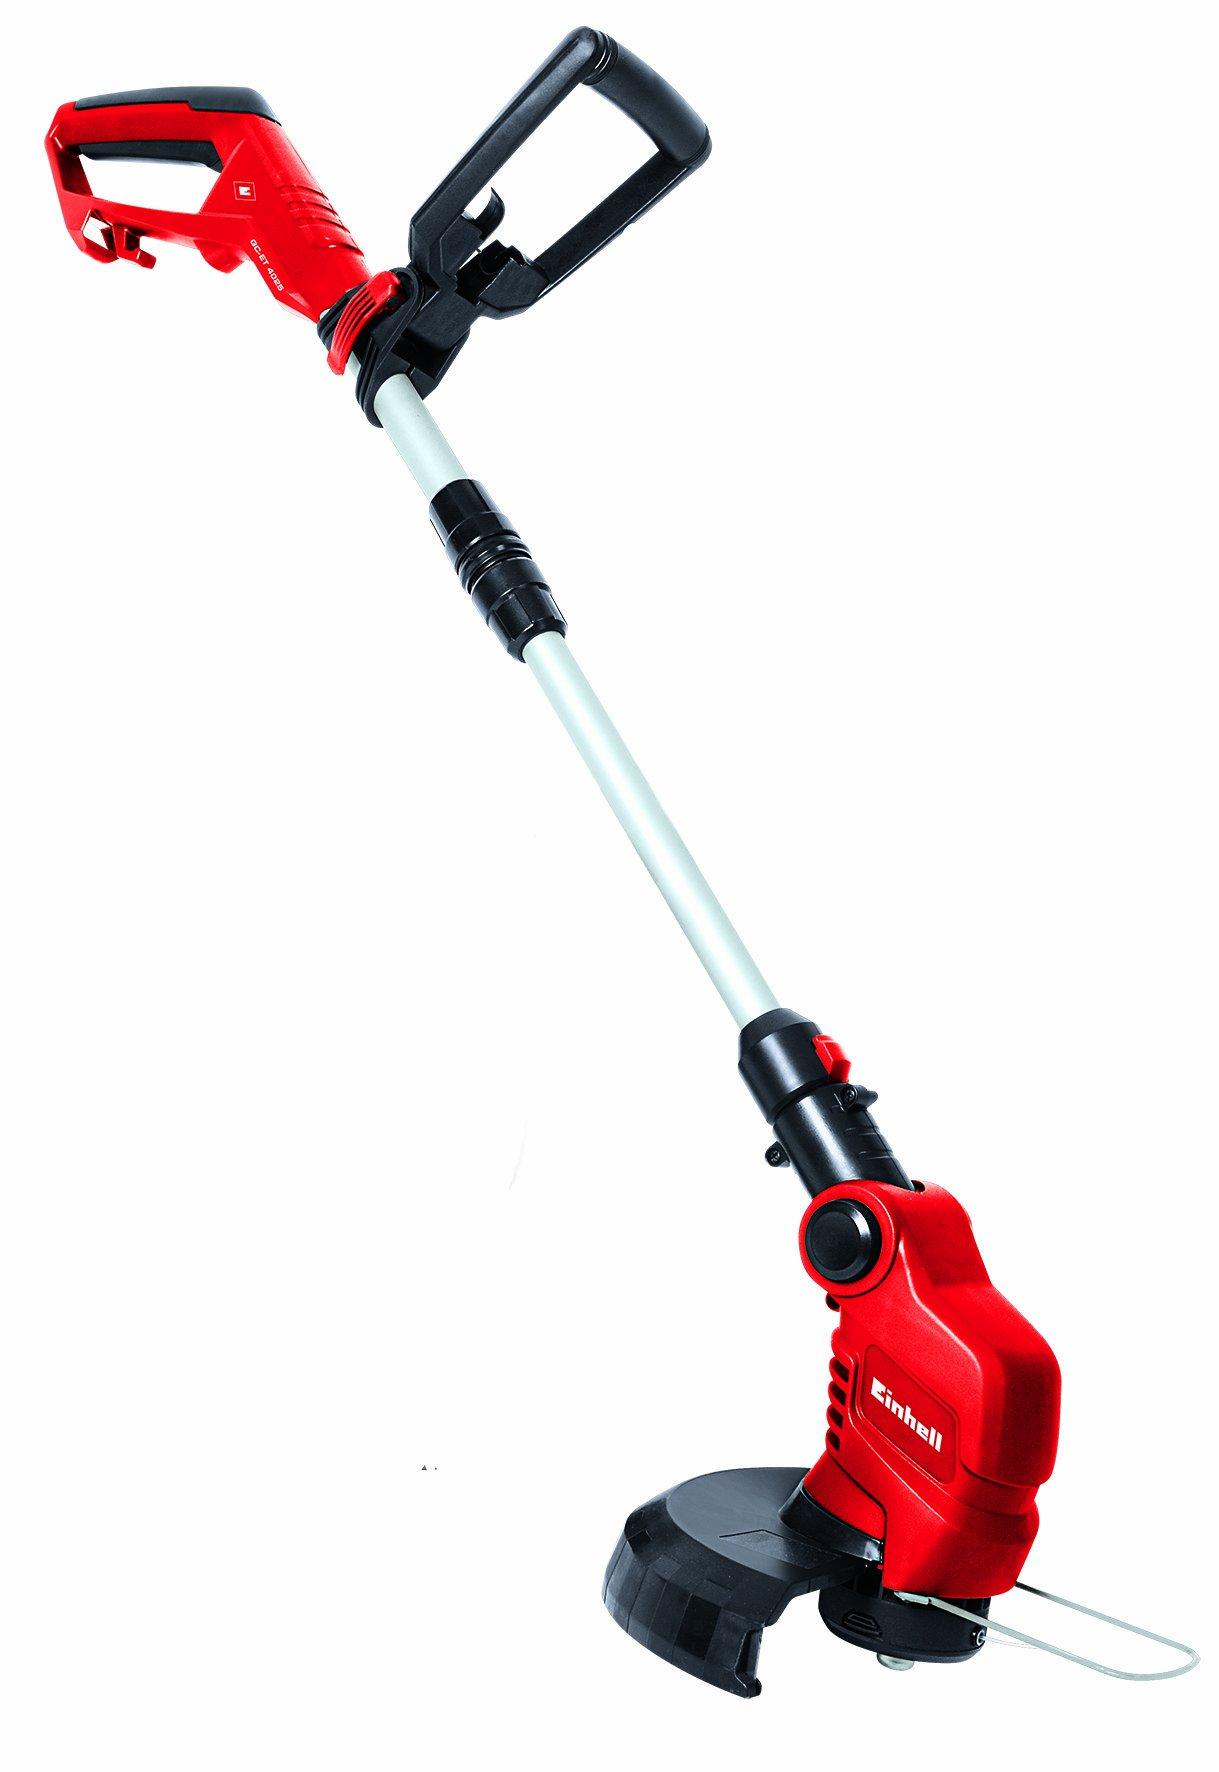 Einhell-Elektro-Rasentrimmer-GC-ET-4025-400-W-25-cm-Schnittkreis-16-mm-Nylonfaden-Tipp-Automatik